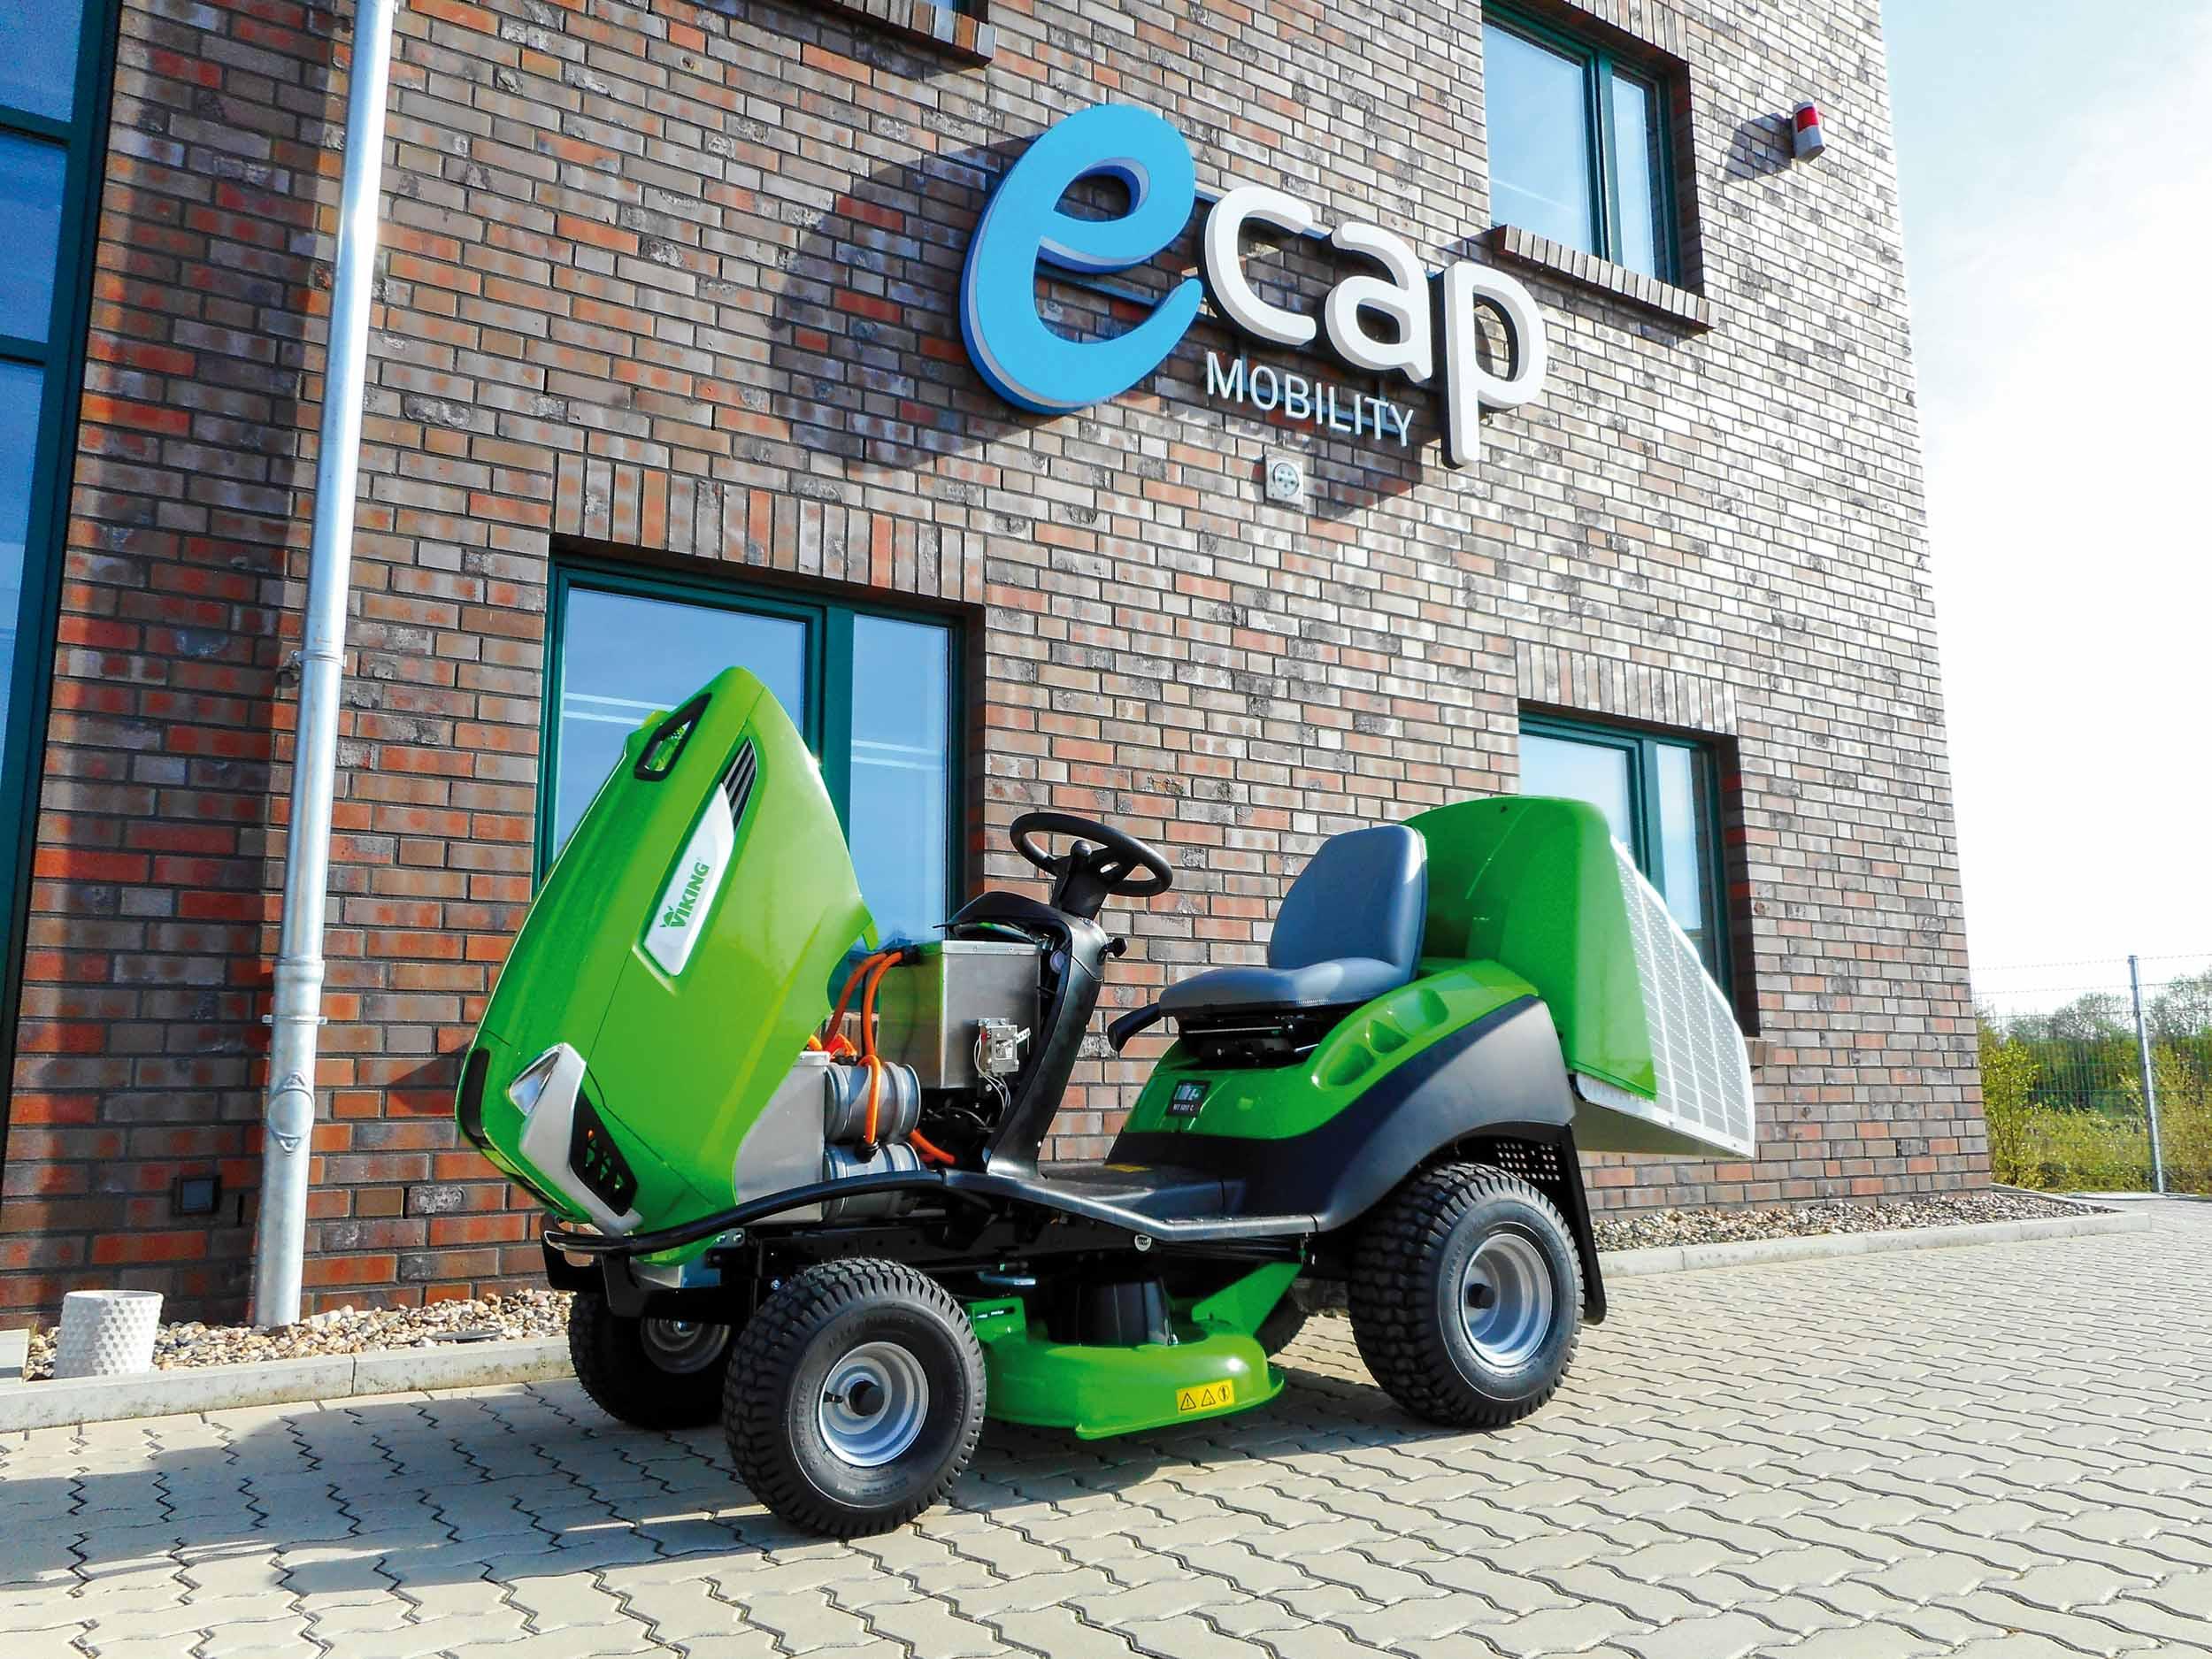 eCap_Projekte-19.jpg